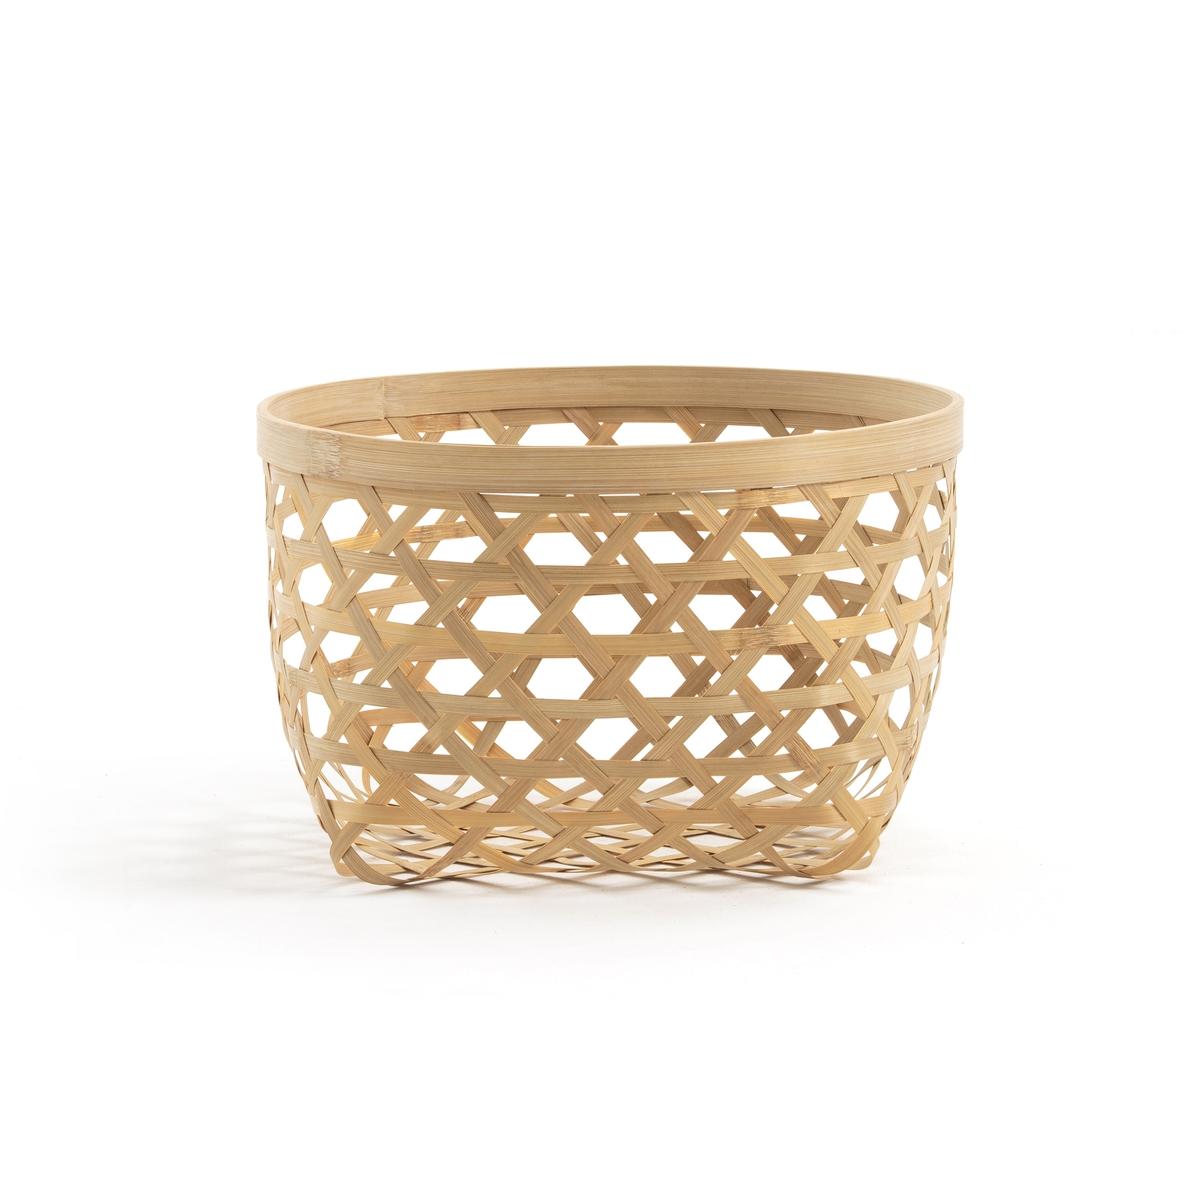 Корзина La Redoute Из бамбука Nylia размер маленький единый размер бежевый корзина la redoute x в см бамбук и плетеный ротанг brazil единый размер каштановый